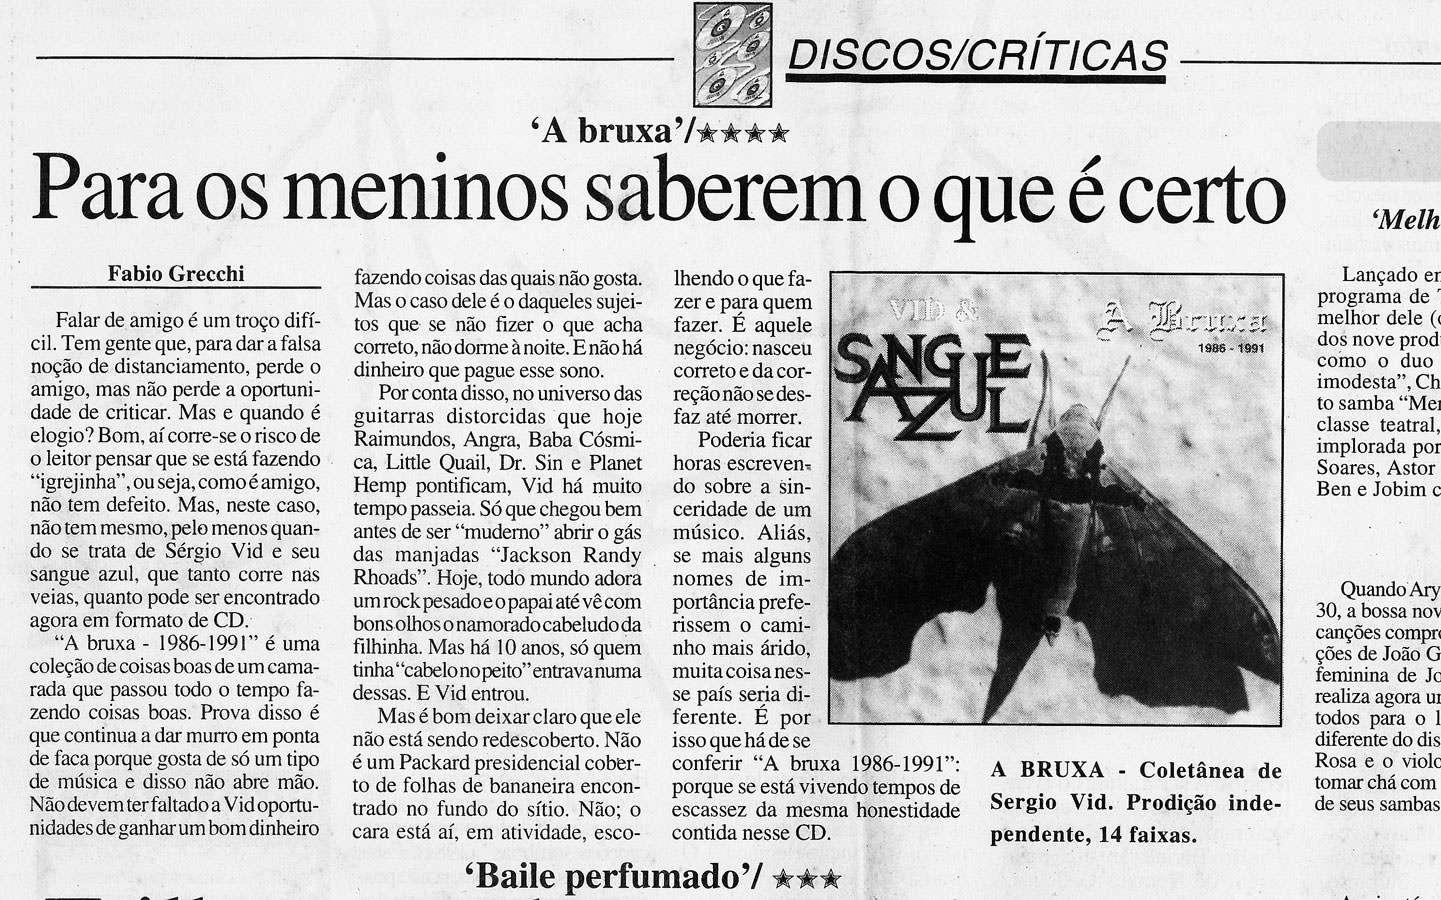 critica-cd-diversoes-na-tribuna-da-imprensa